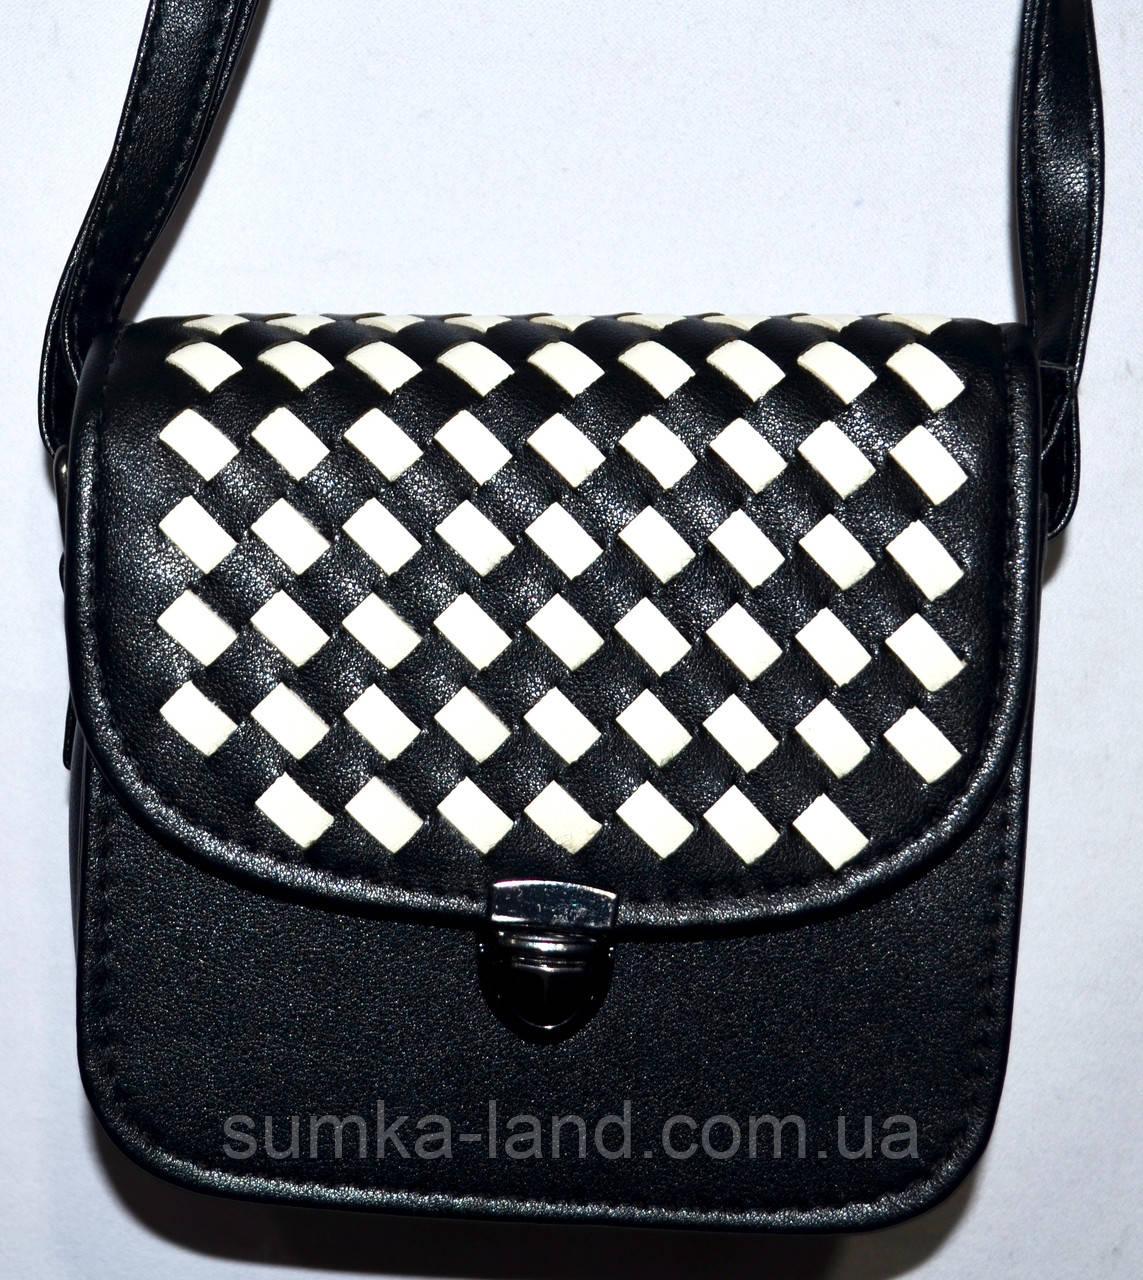 Женский маленький черно-белый клатч на ремешке 15*13 см